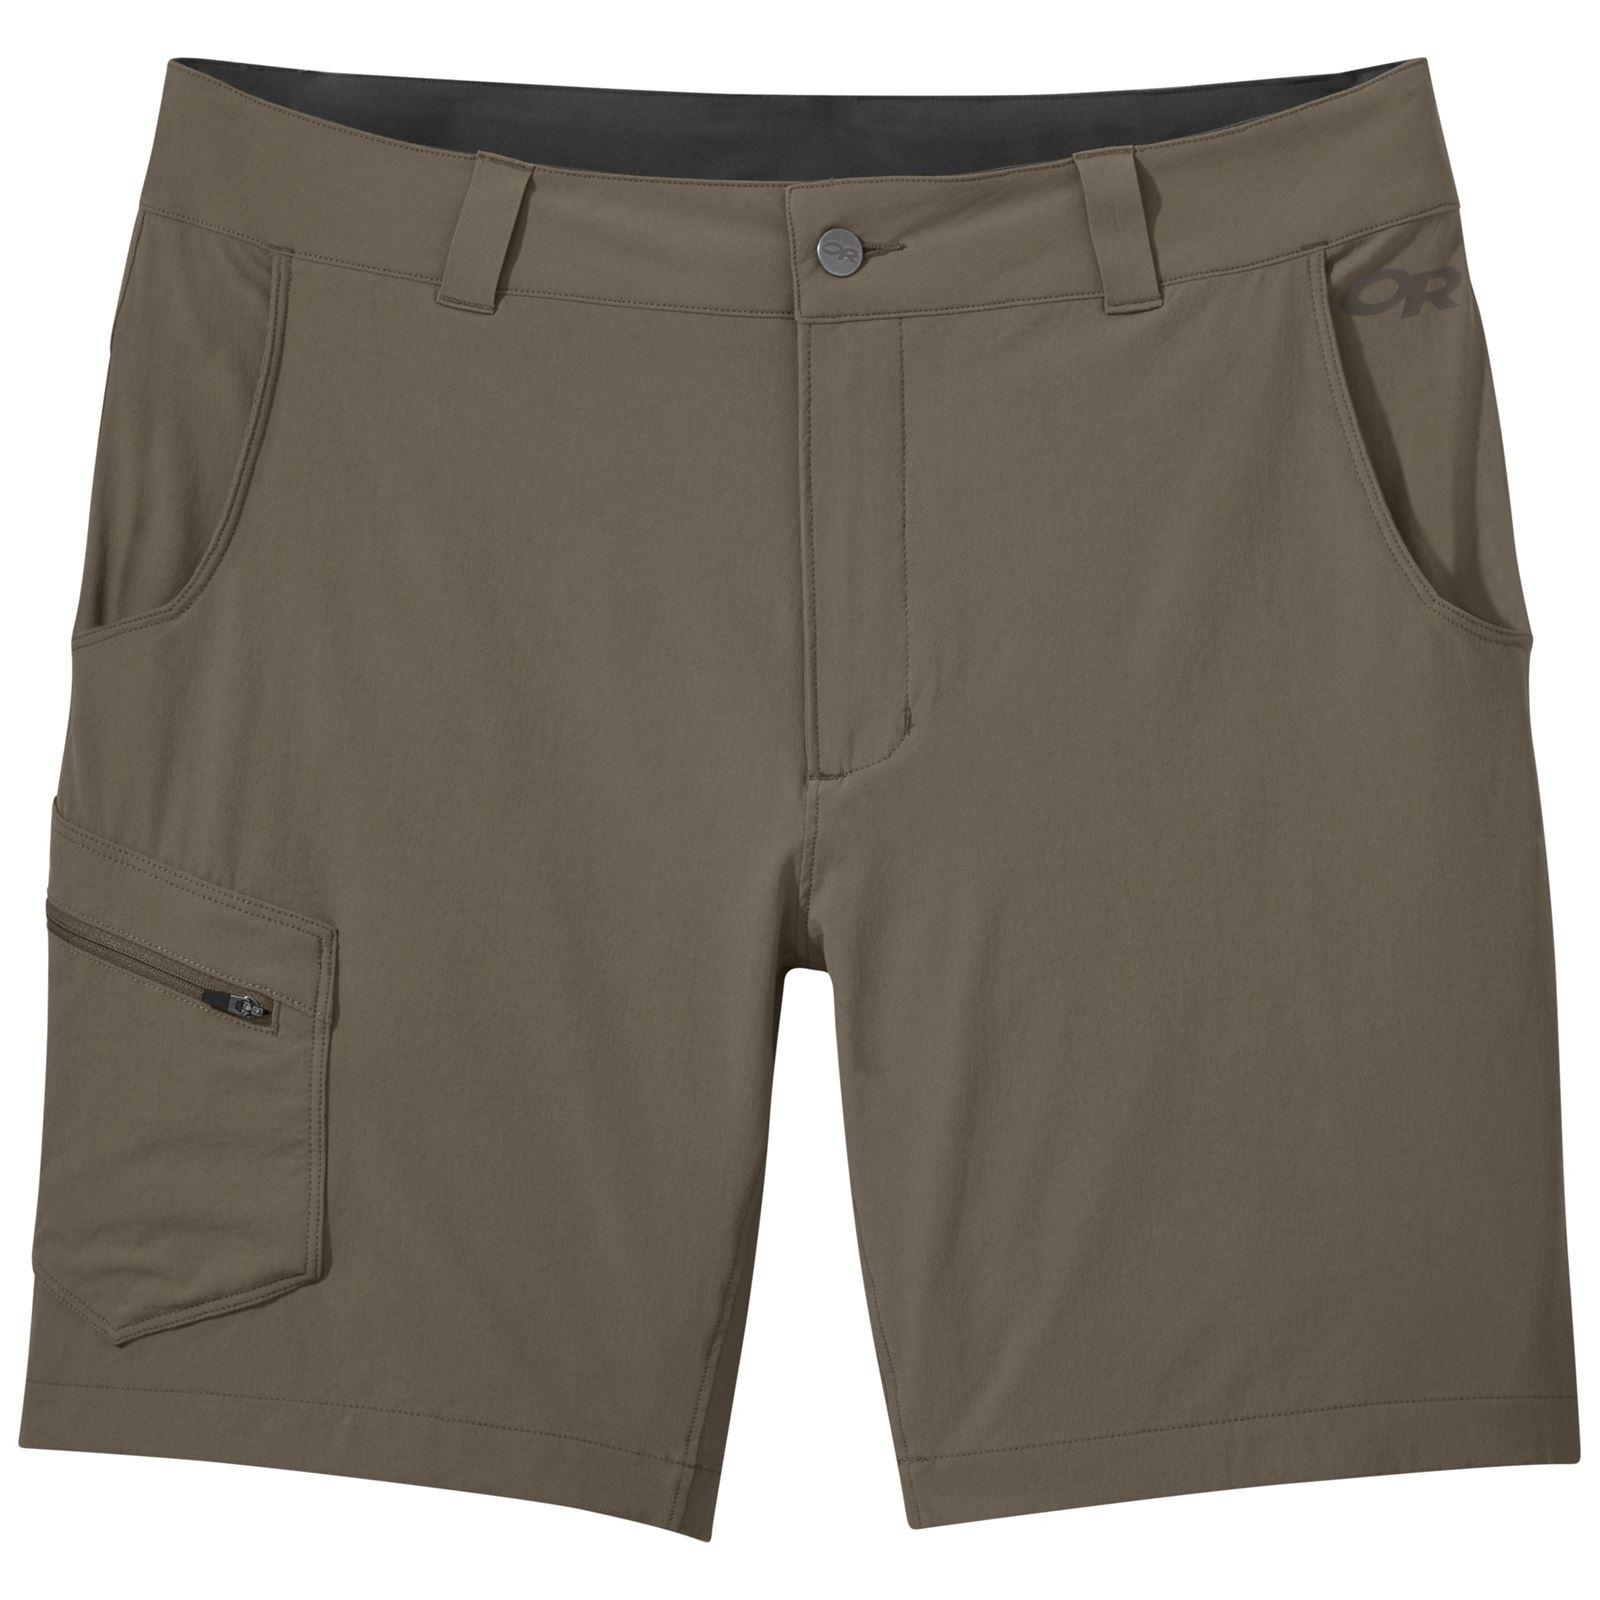 Ferrosi Shorts 10 in - Men's